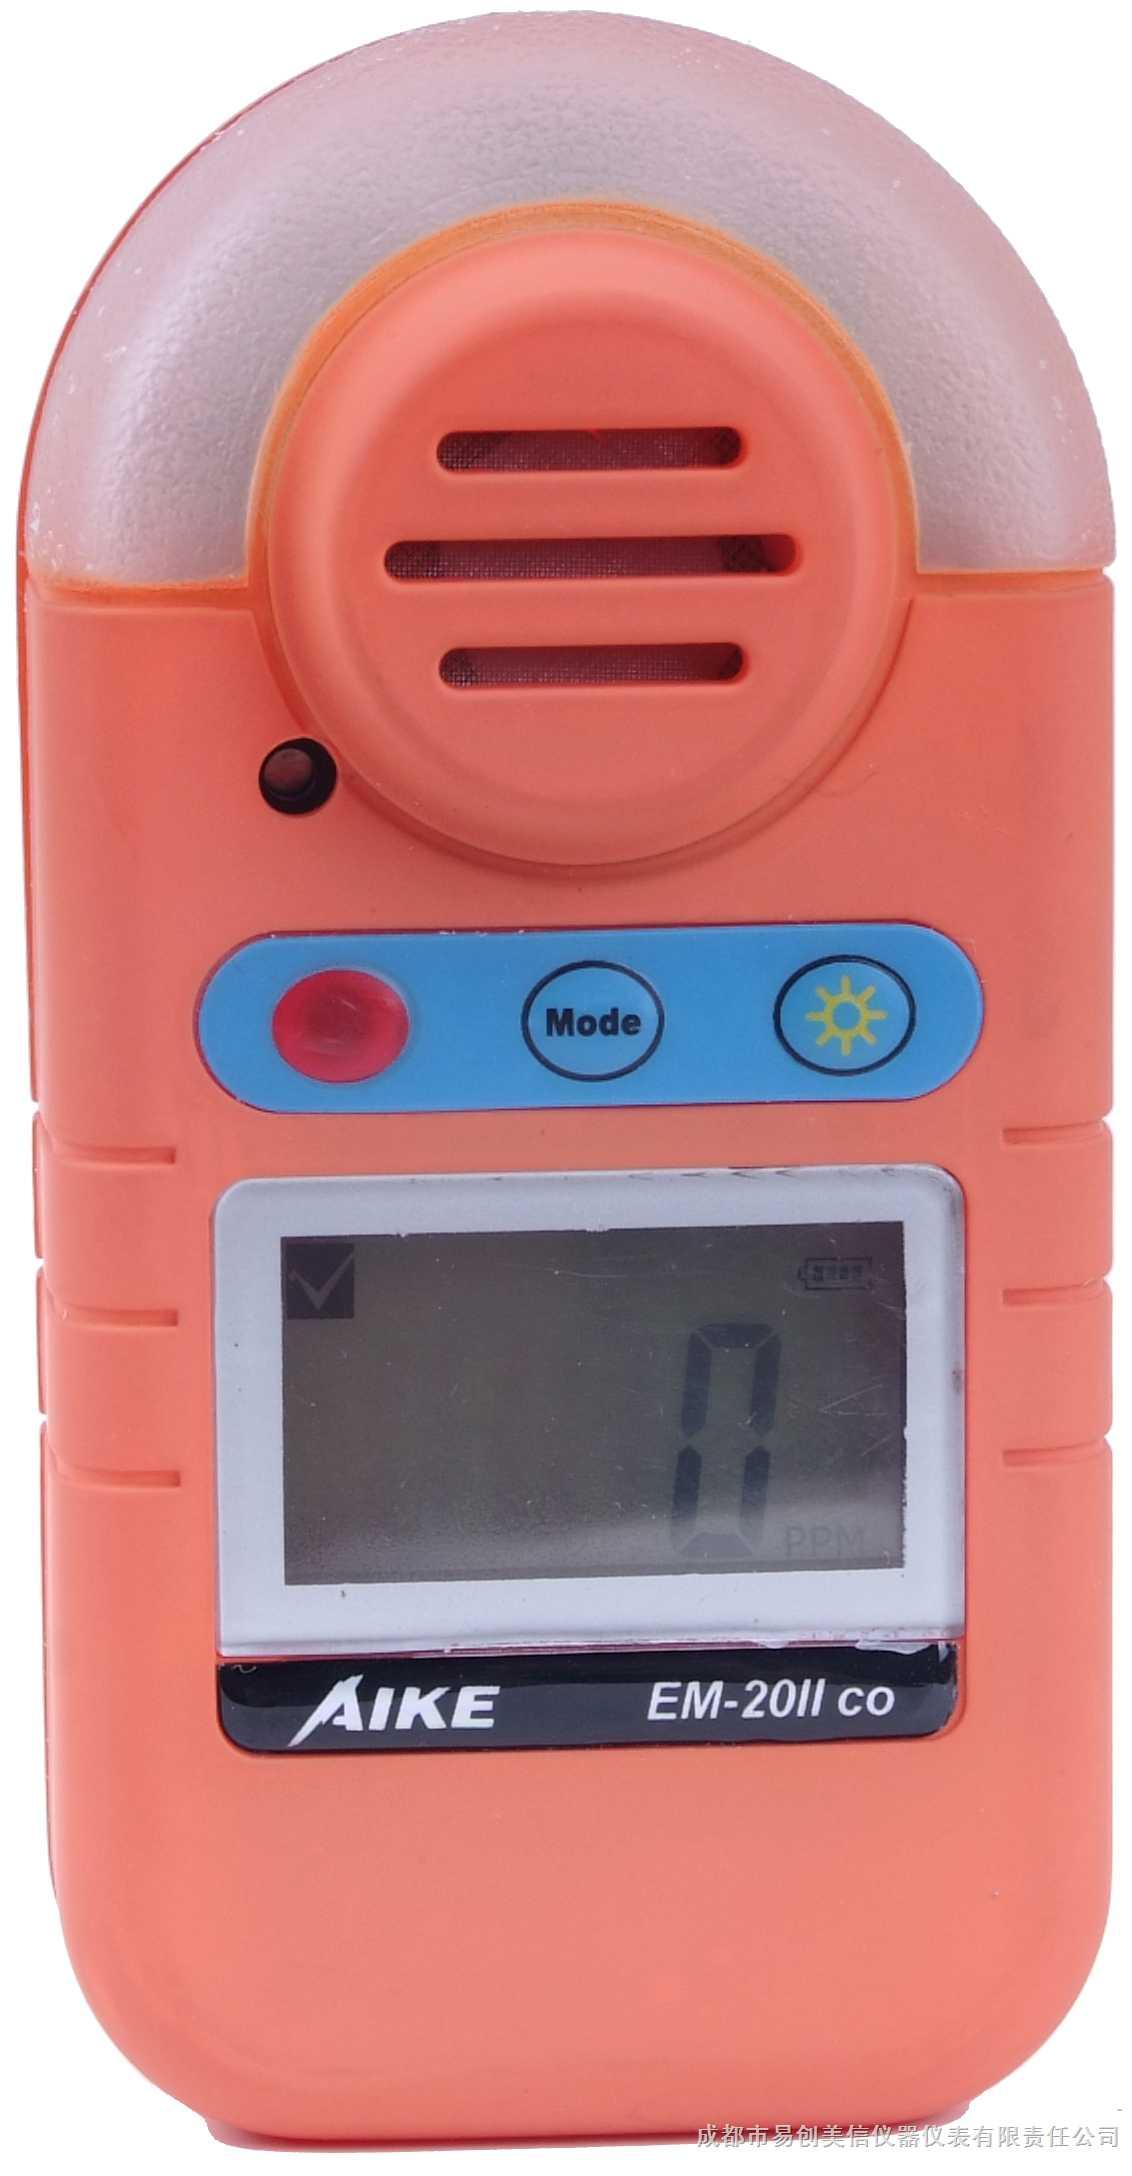 澳洲新仪器EM-20Ⅱ二氧化硫气体检测仪